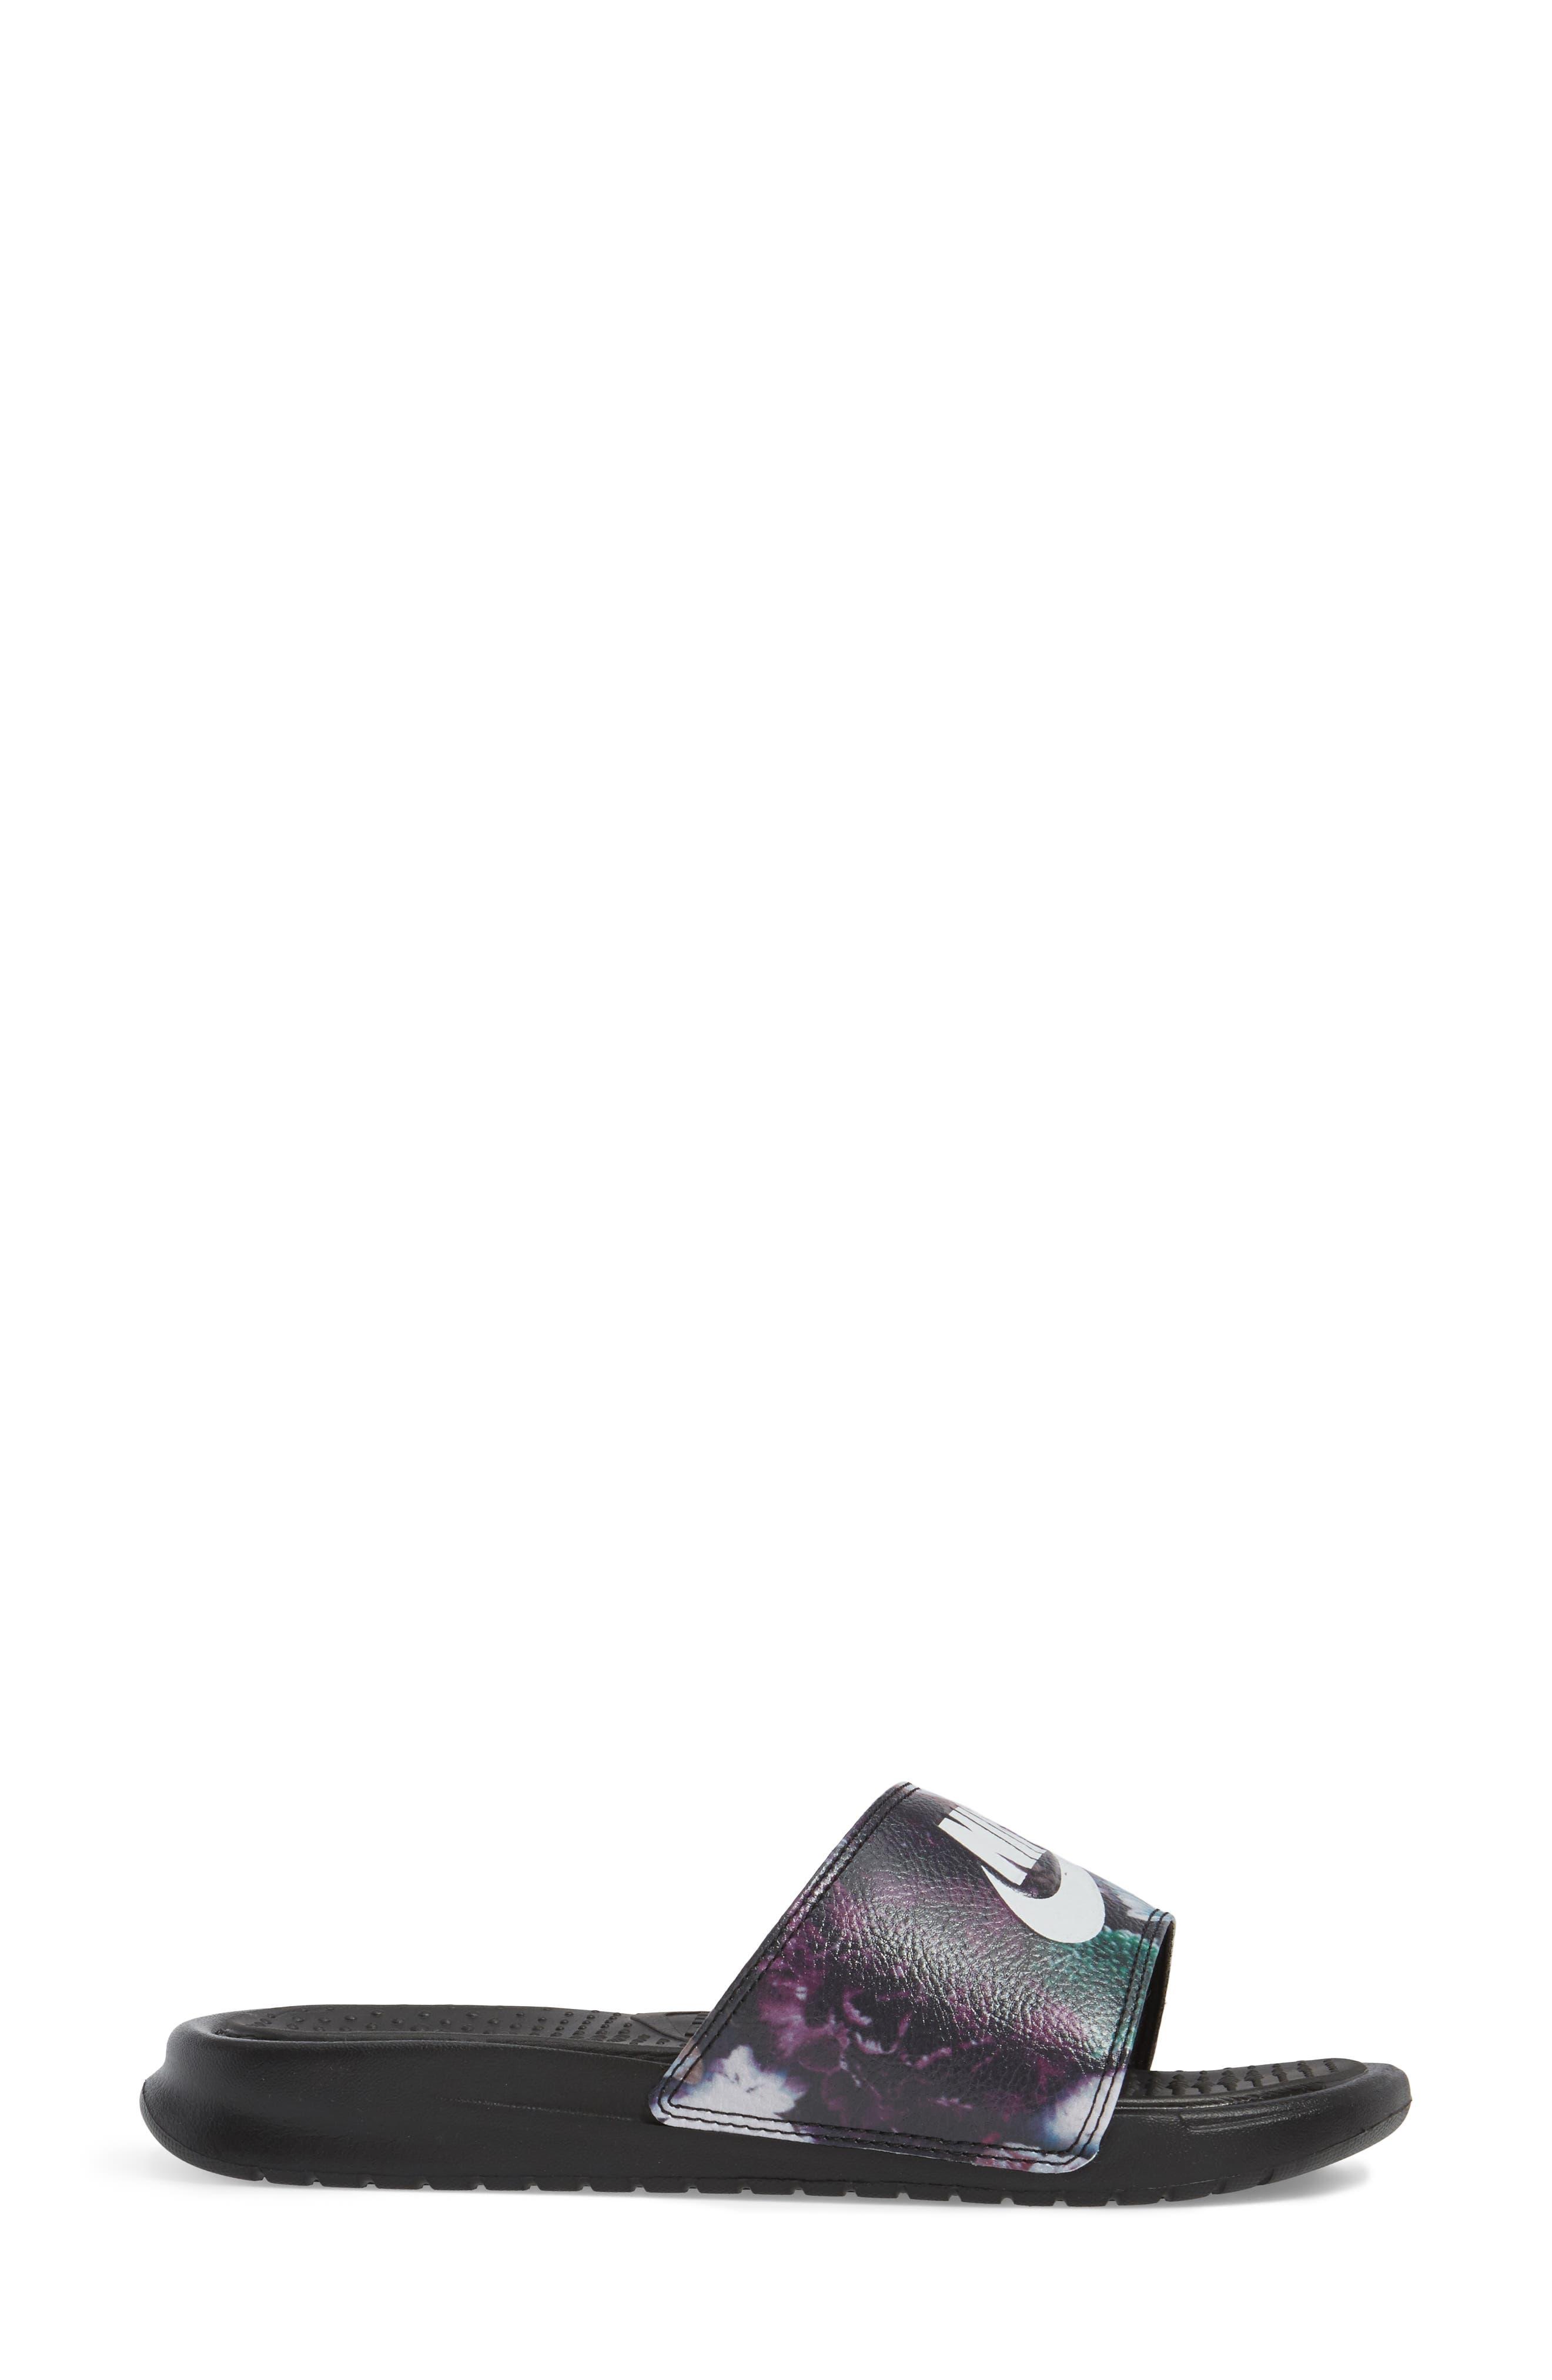 Alternate Image 3  - Nike 'Benassi Just Do It Ultra Premium' Slide Sandal (Women)